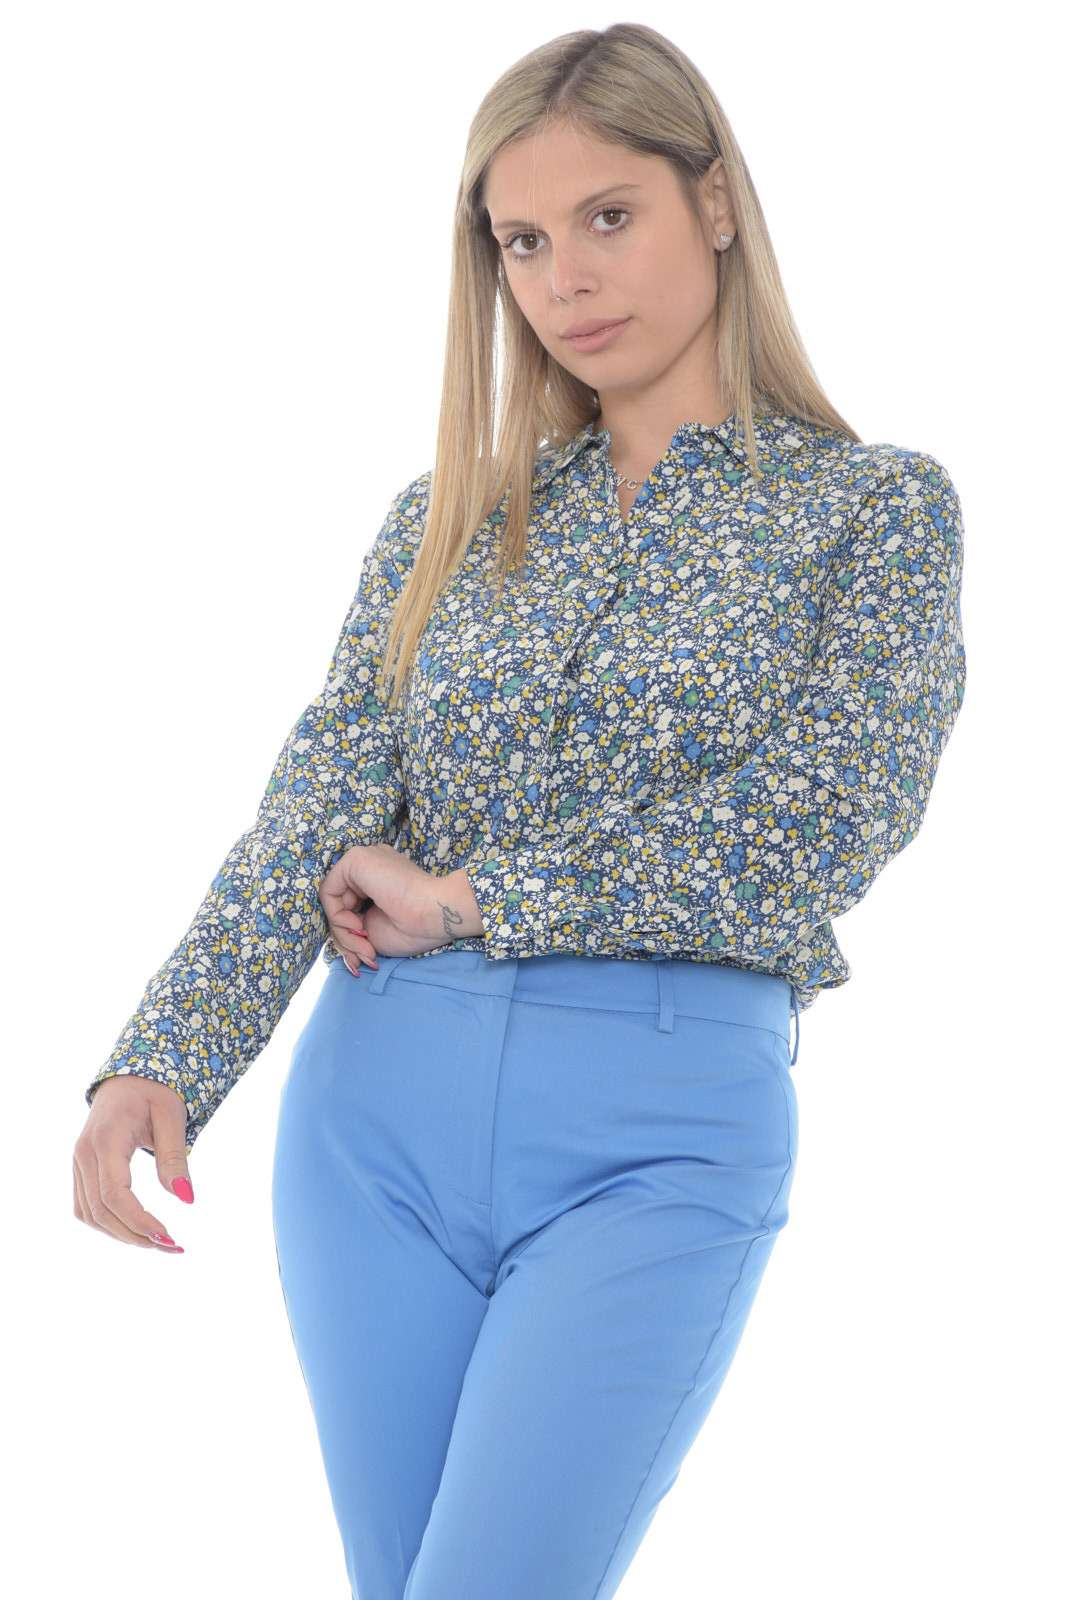 Lasciati conquistare dalla nuova camicia firmata dalla collezione donna Weekend MaxMara. Da abbinare sia ad outfit formali che informali conquista tutti i look per un risultato affascinante. Indossala con un jeans o con un pantalone, l'effetto chic è assicurato.